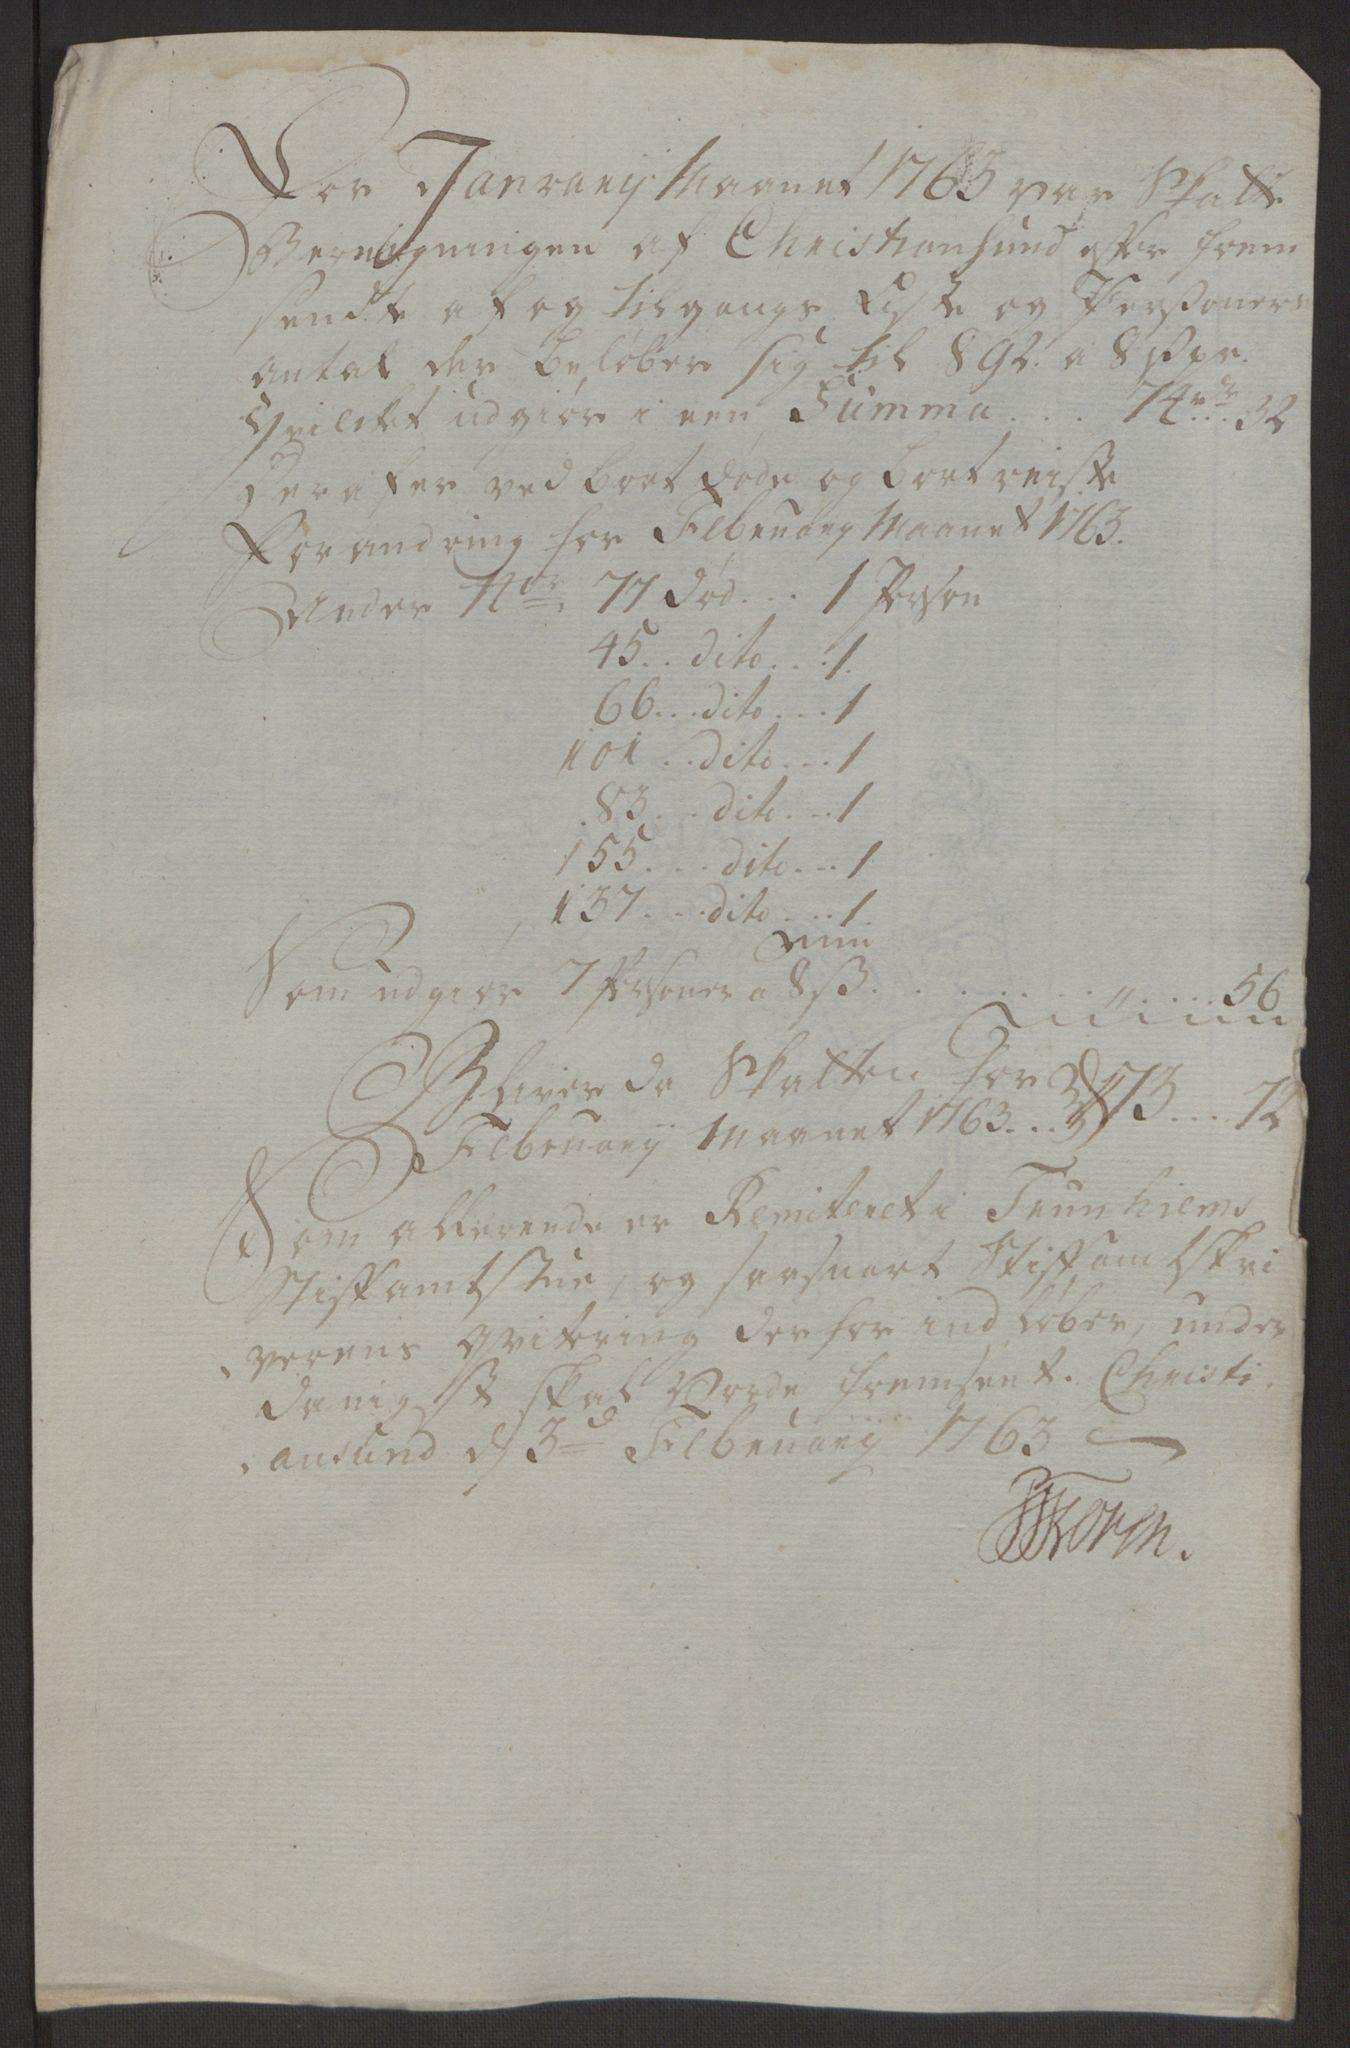 RA, Rentekammeret inntil 1814, Reviderte regnskaper, Byregnskaper, R/Rr/L0495: [R1] Kontribusjonsregnskap, 1762-1772, s. 14